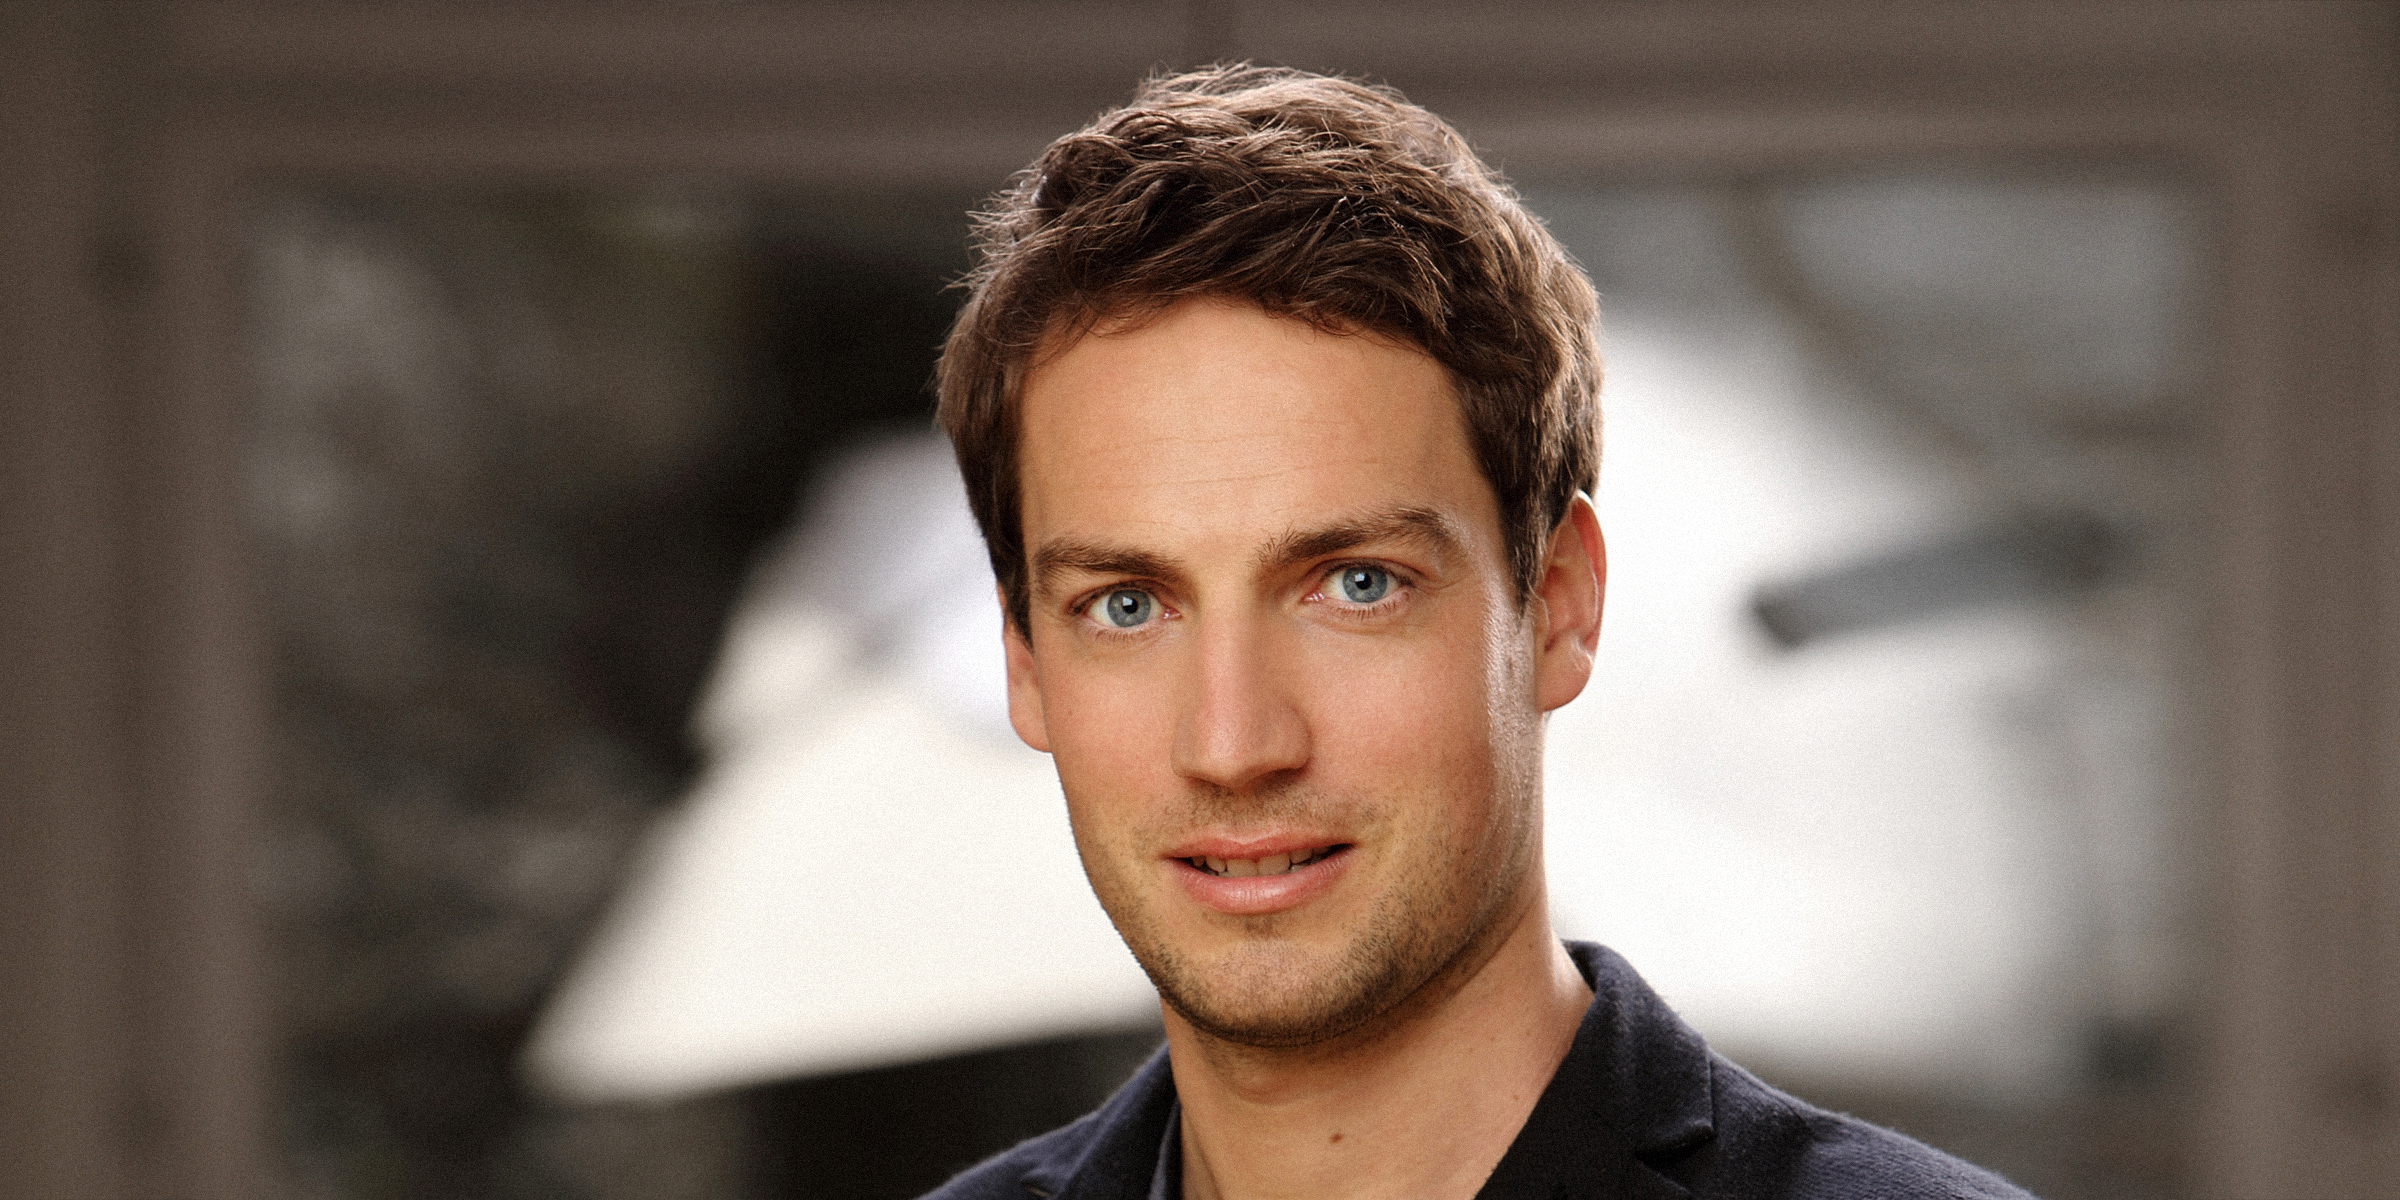 Ein Mann mit sanftem Blick posiert für Bewerbungsfoto und Portrait.